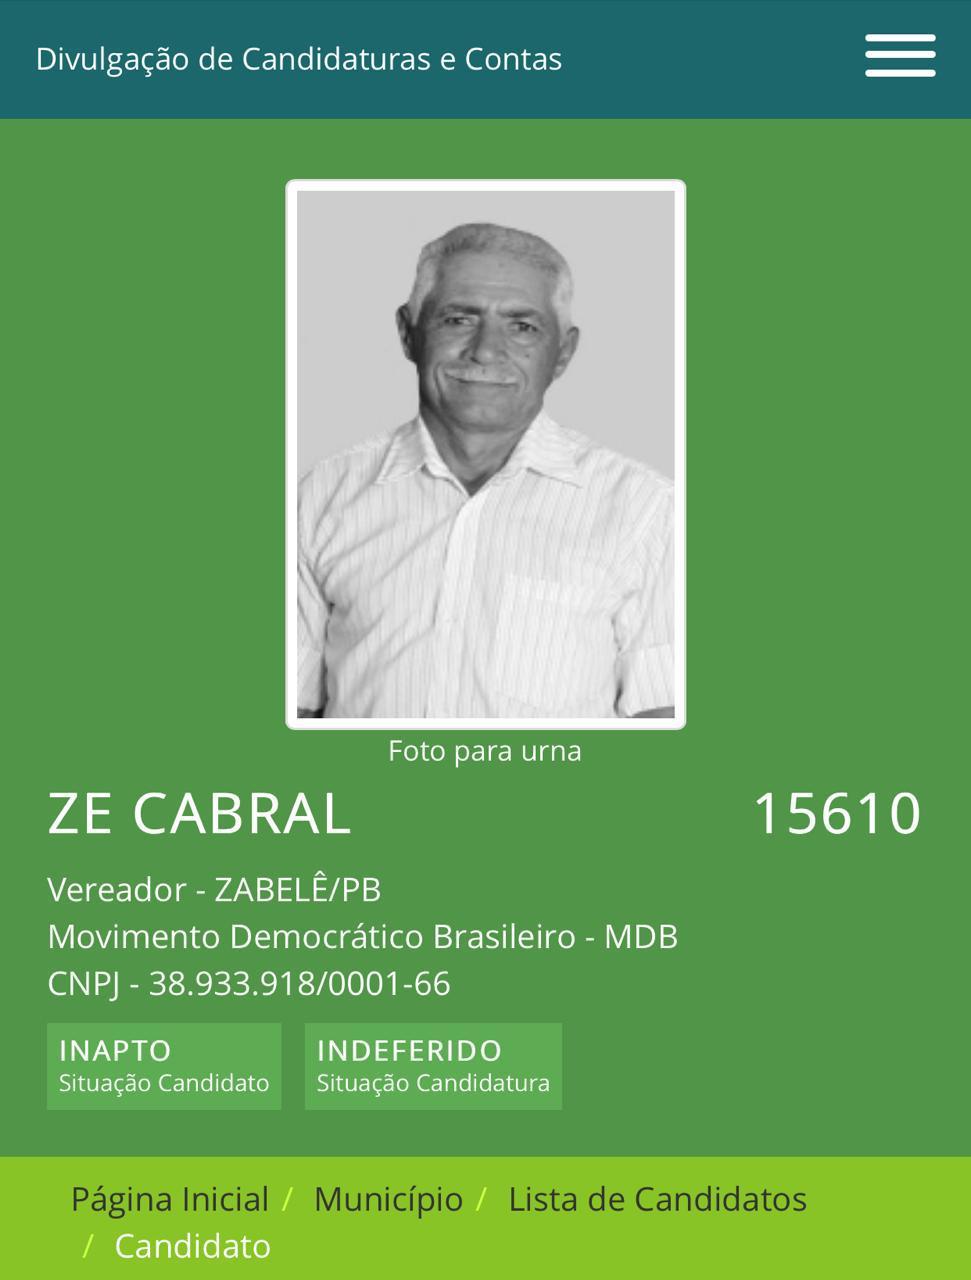 WhatsApp-Image-2020-10-20-at-10.11.18 Em Zabelê vereador tem registro de candidatura indeferido pelo TRE